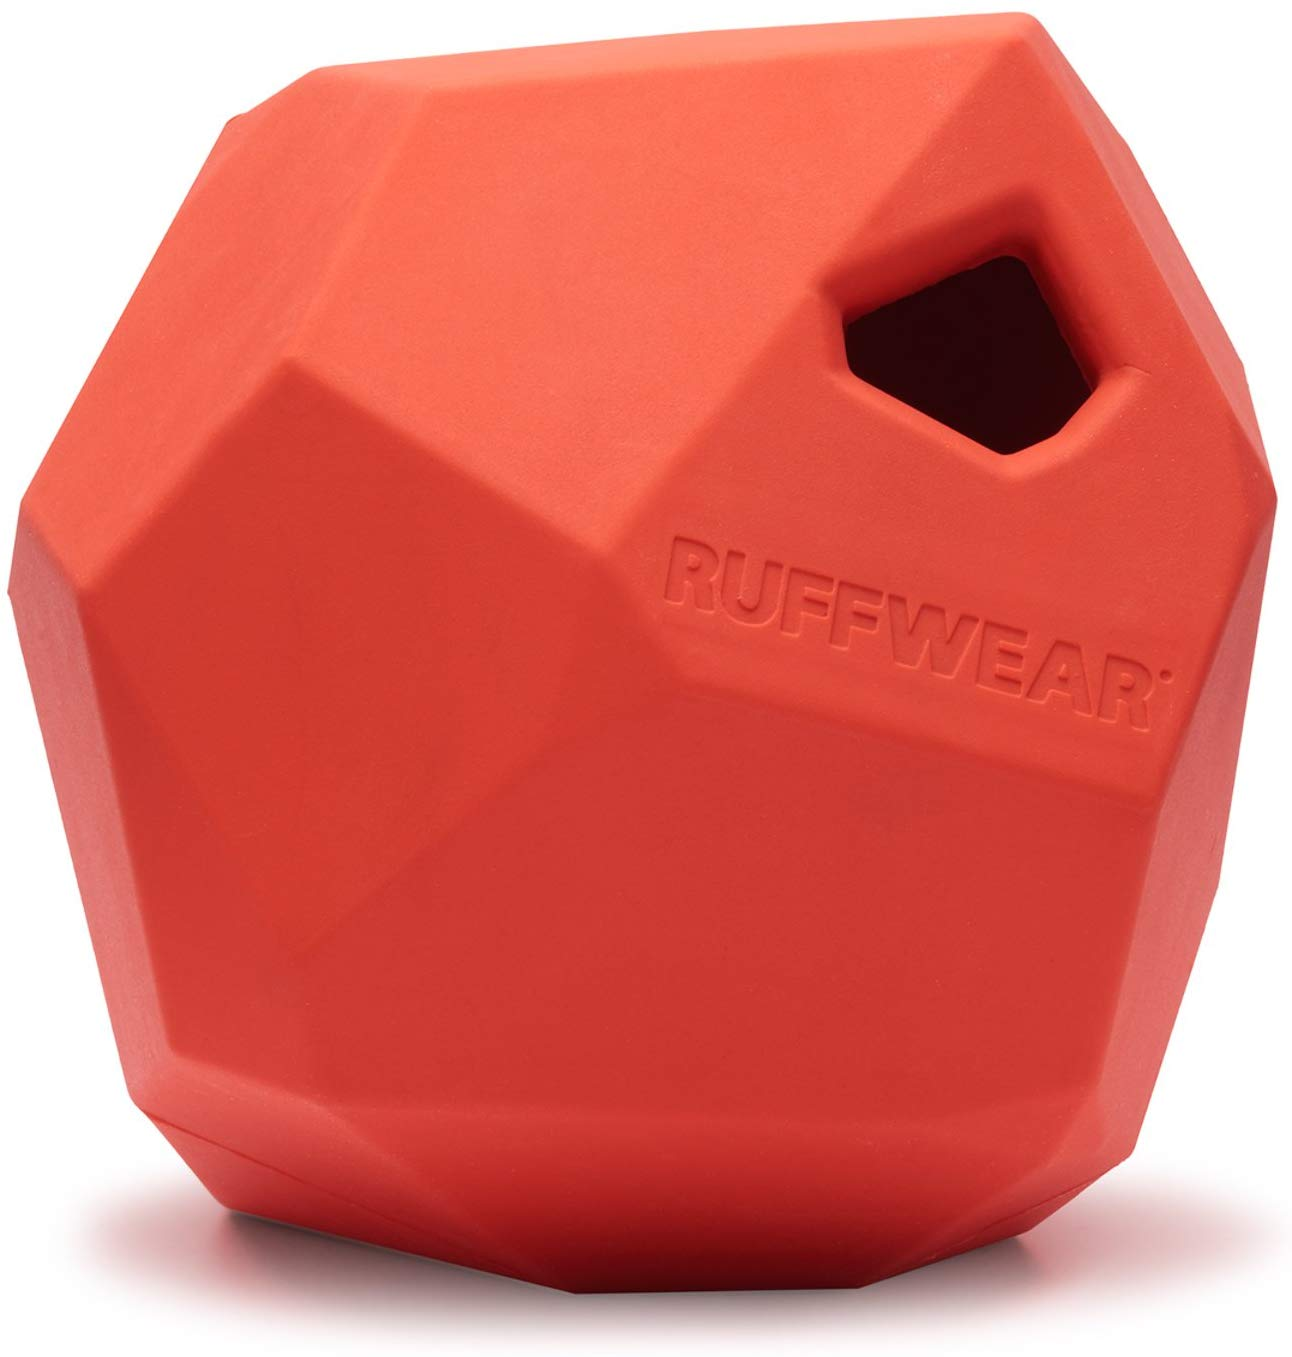 Ruffwear Gnawt-a-Rock Dog Toy, Sockeye Red